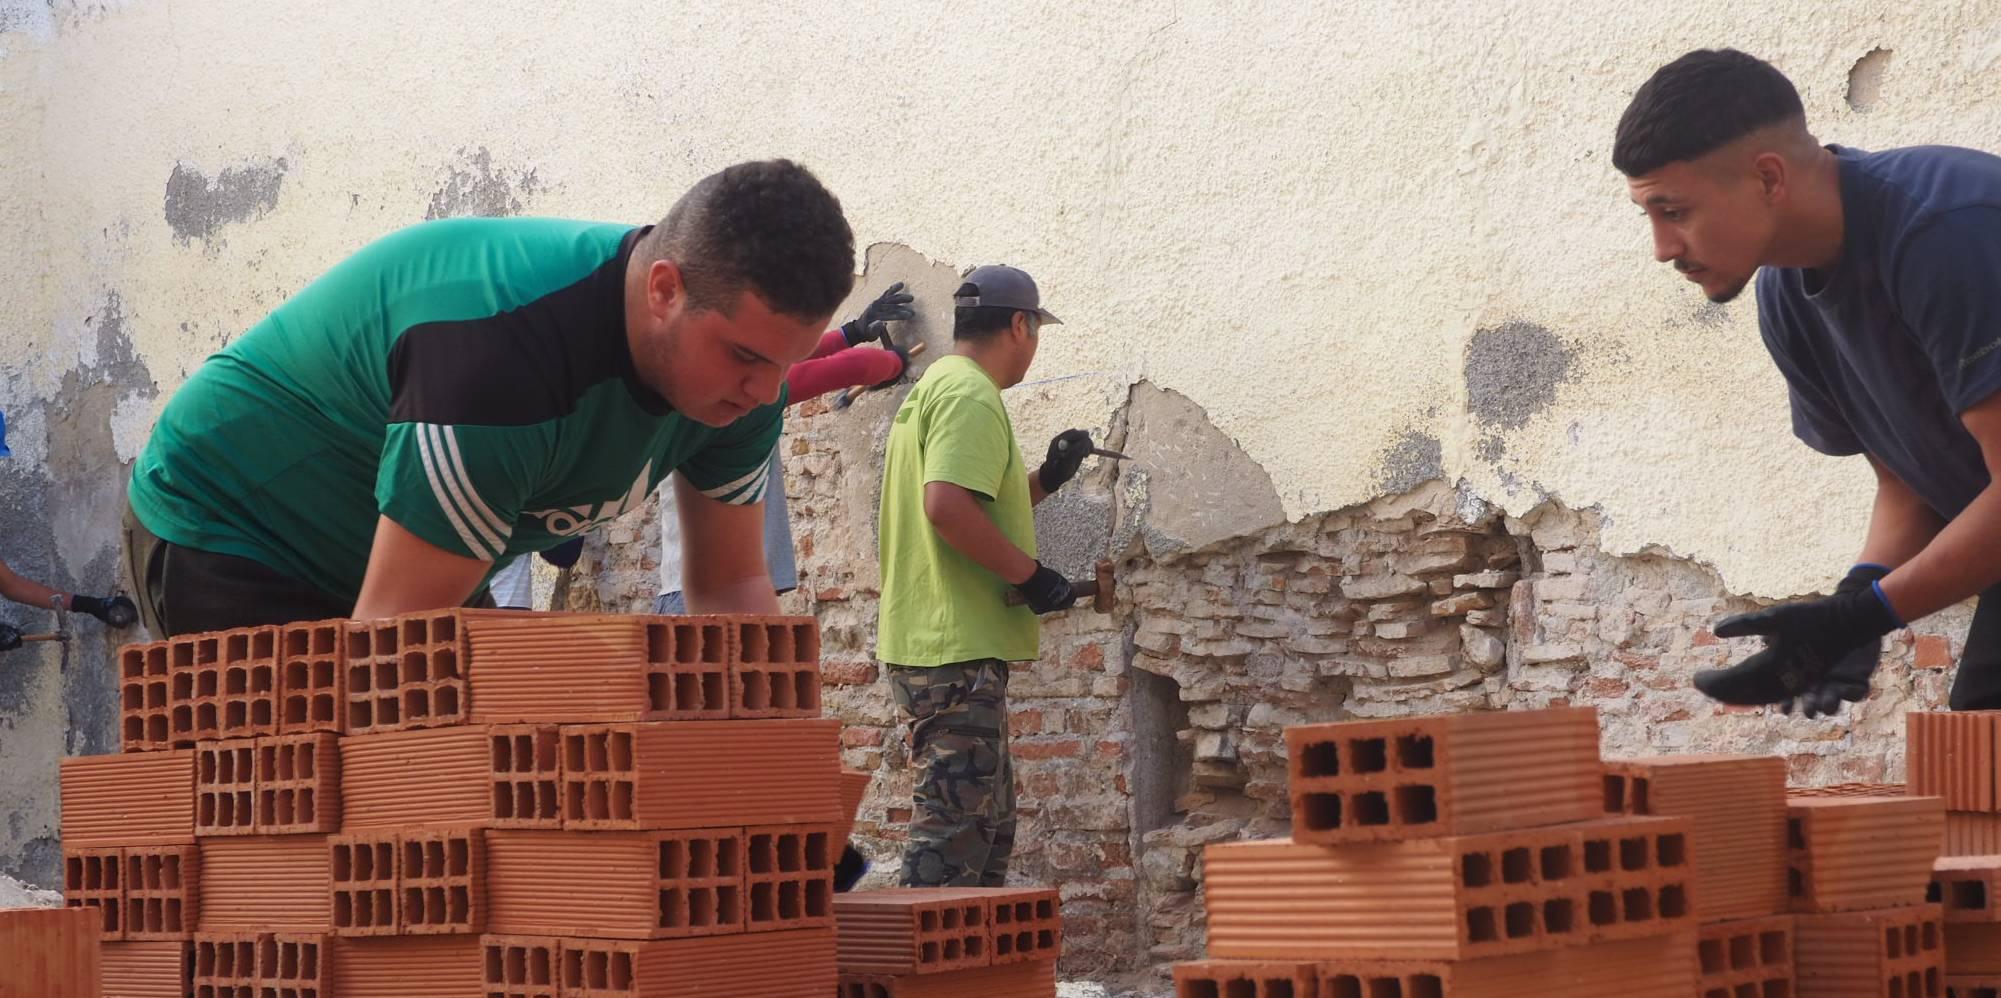 Jóvenes aprenden sobre construcción en un curso de peón de albañil